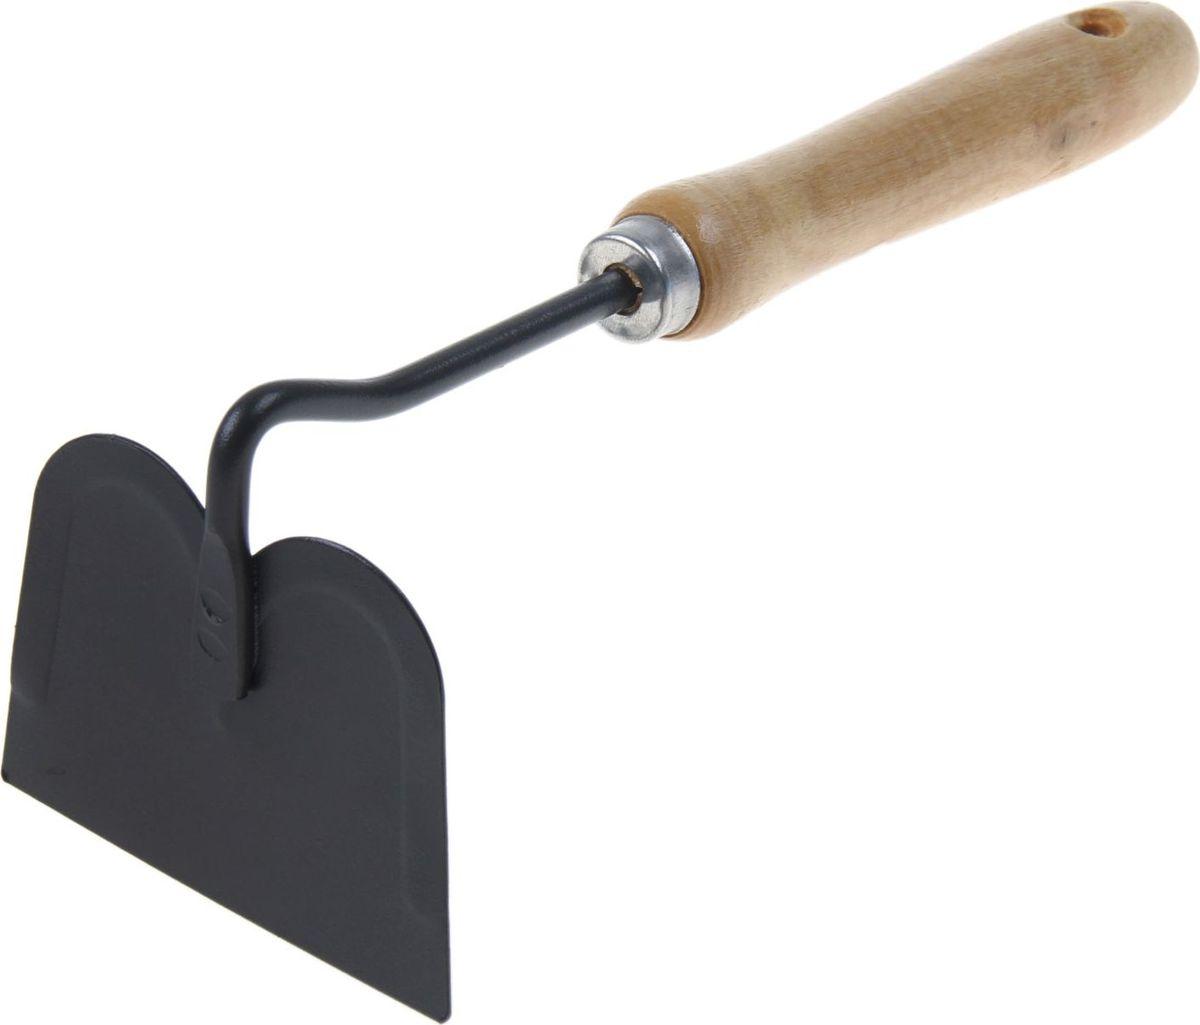 Мотыга Доляна, цвет: черный, бежевый, длина 28 см. 10050131005013Тяпка «Доляна» станет помощником для тех, кто по-настоящему любит дачу или огород. Инструмент отлично подходит для прополки. Приспособление удаляет сорняки вместе с их корнями, надолго оставляя грядки чистыми и ухоженными. Данная модель выполнена из металла и дерева. Такое сочетание материалов делает конструкцию прочной, но легкой для работы.Характеристики Размер: 28 см. Материал: дерево, металл.Избавьтесь от сорняков с тяпкой «Доляна»!